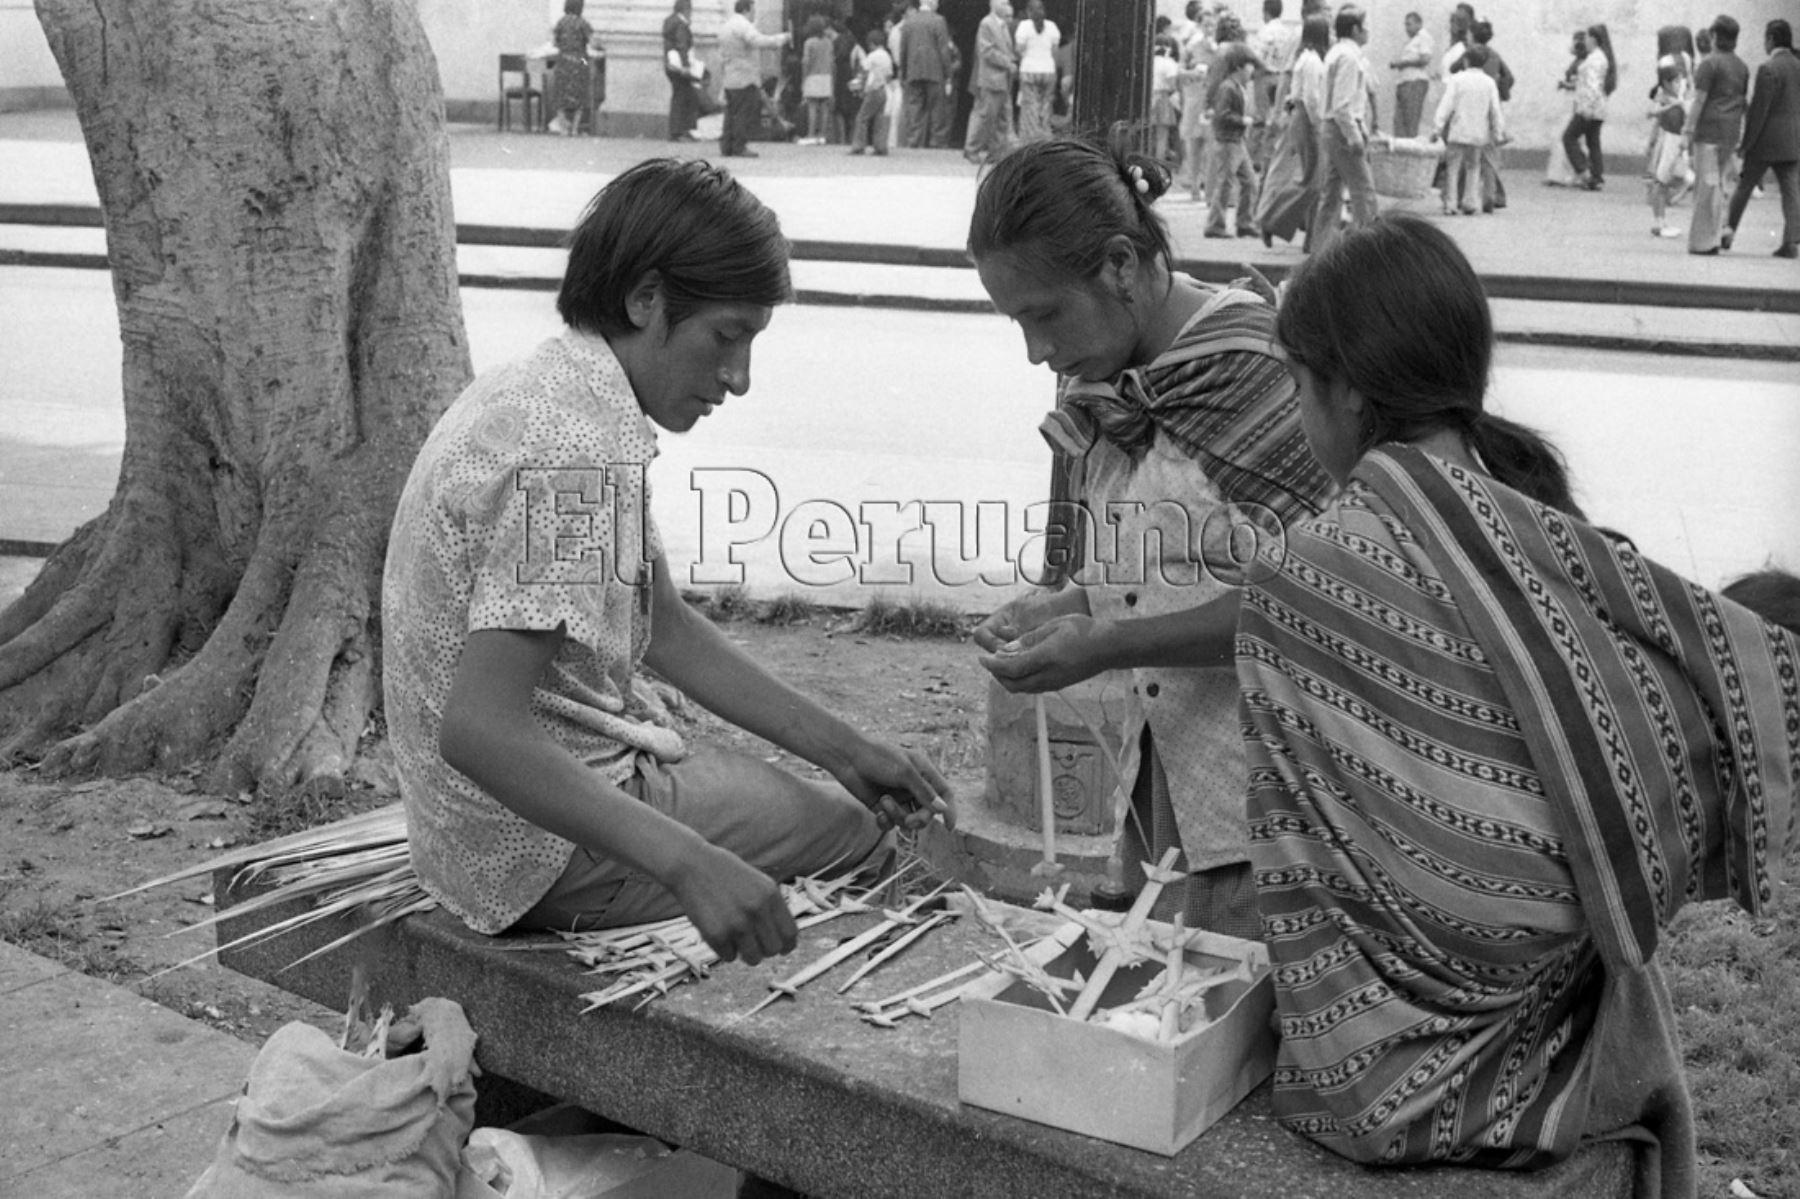 Venta de las palmas de olivo en Lima en los años 80.